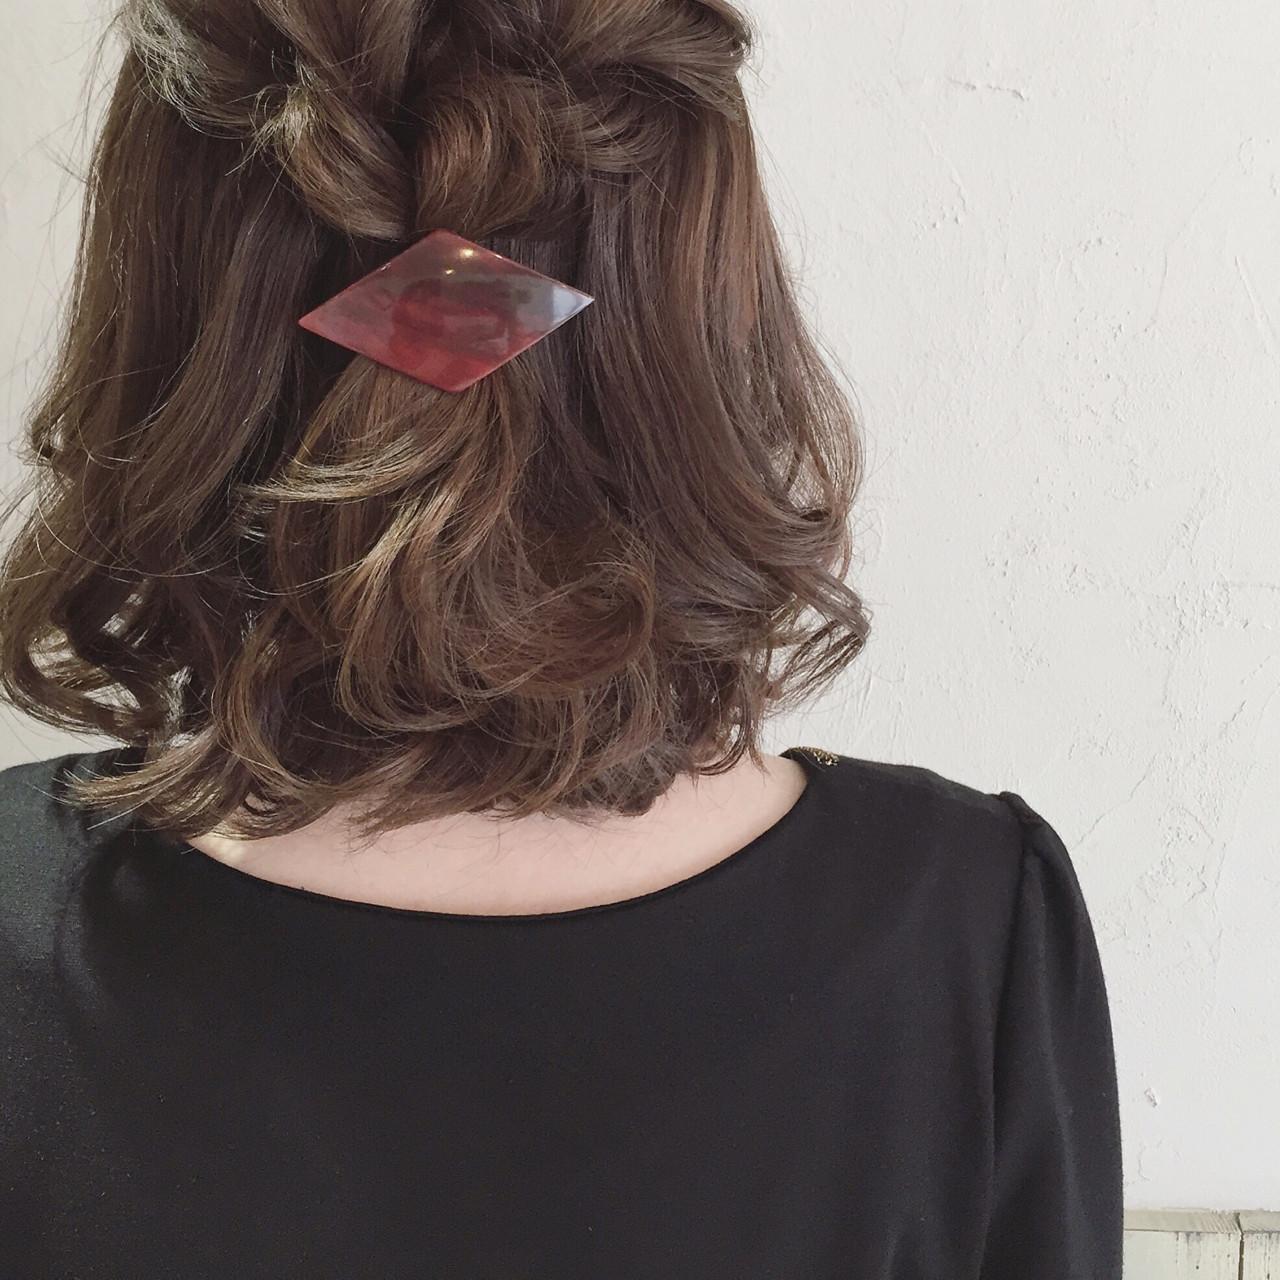 ボブ ヘアアレンジ バレッタ 編み込み ヘアスタイルや髪型の写真・画像